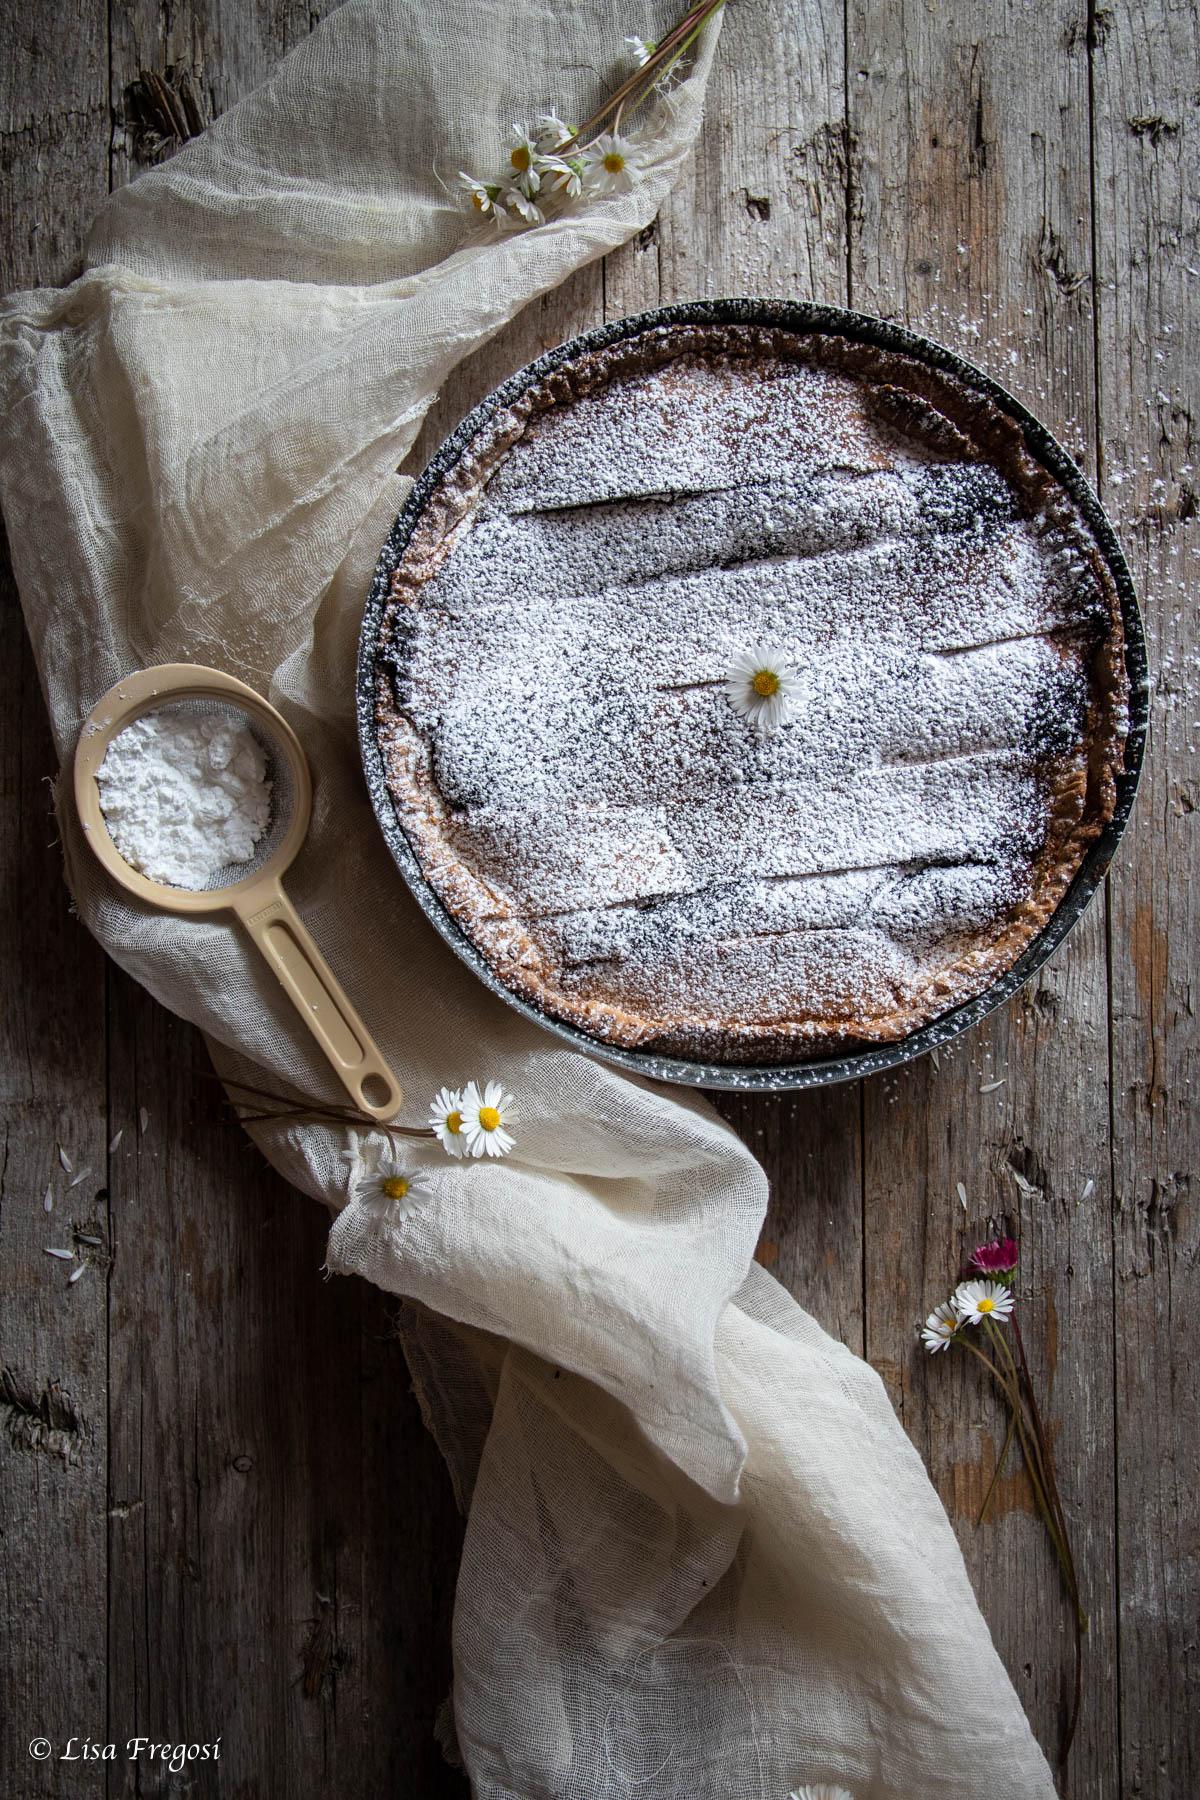 come scegliere gli ingredienti perfetti per la pastiera napoletana